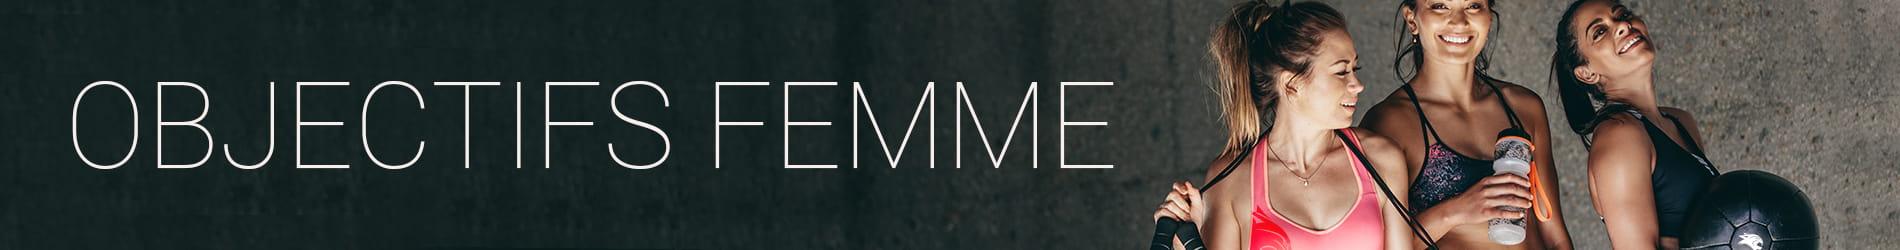 SLIDE-OBJECTIFS-FEMME-1900X250